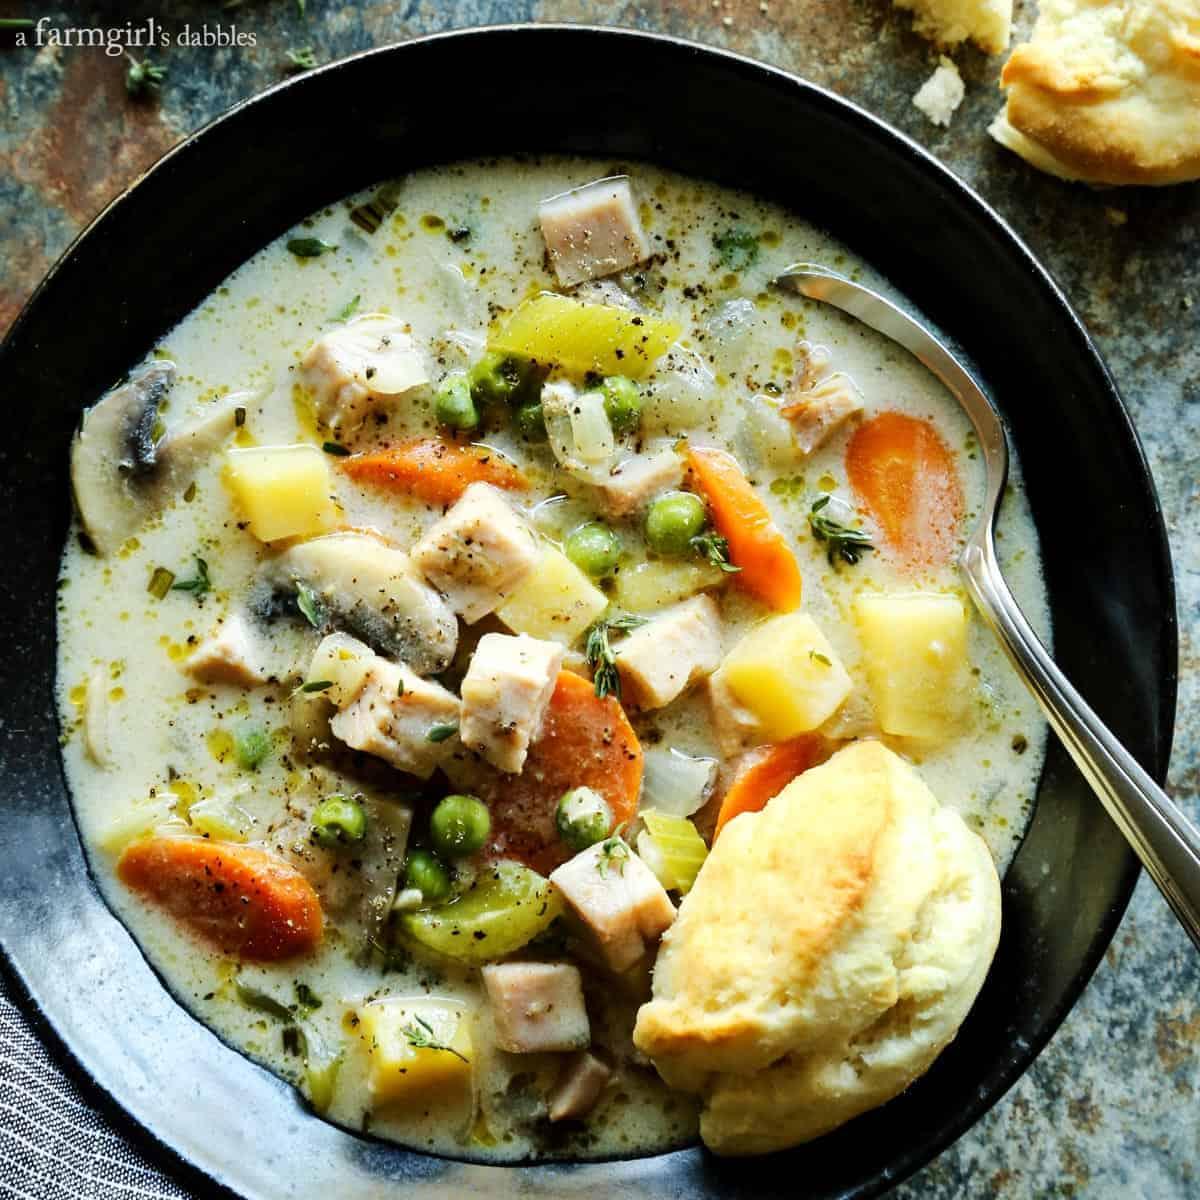 Smoked Turkey Pot Pie Soup from afarmgirlsdabbles.com